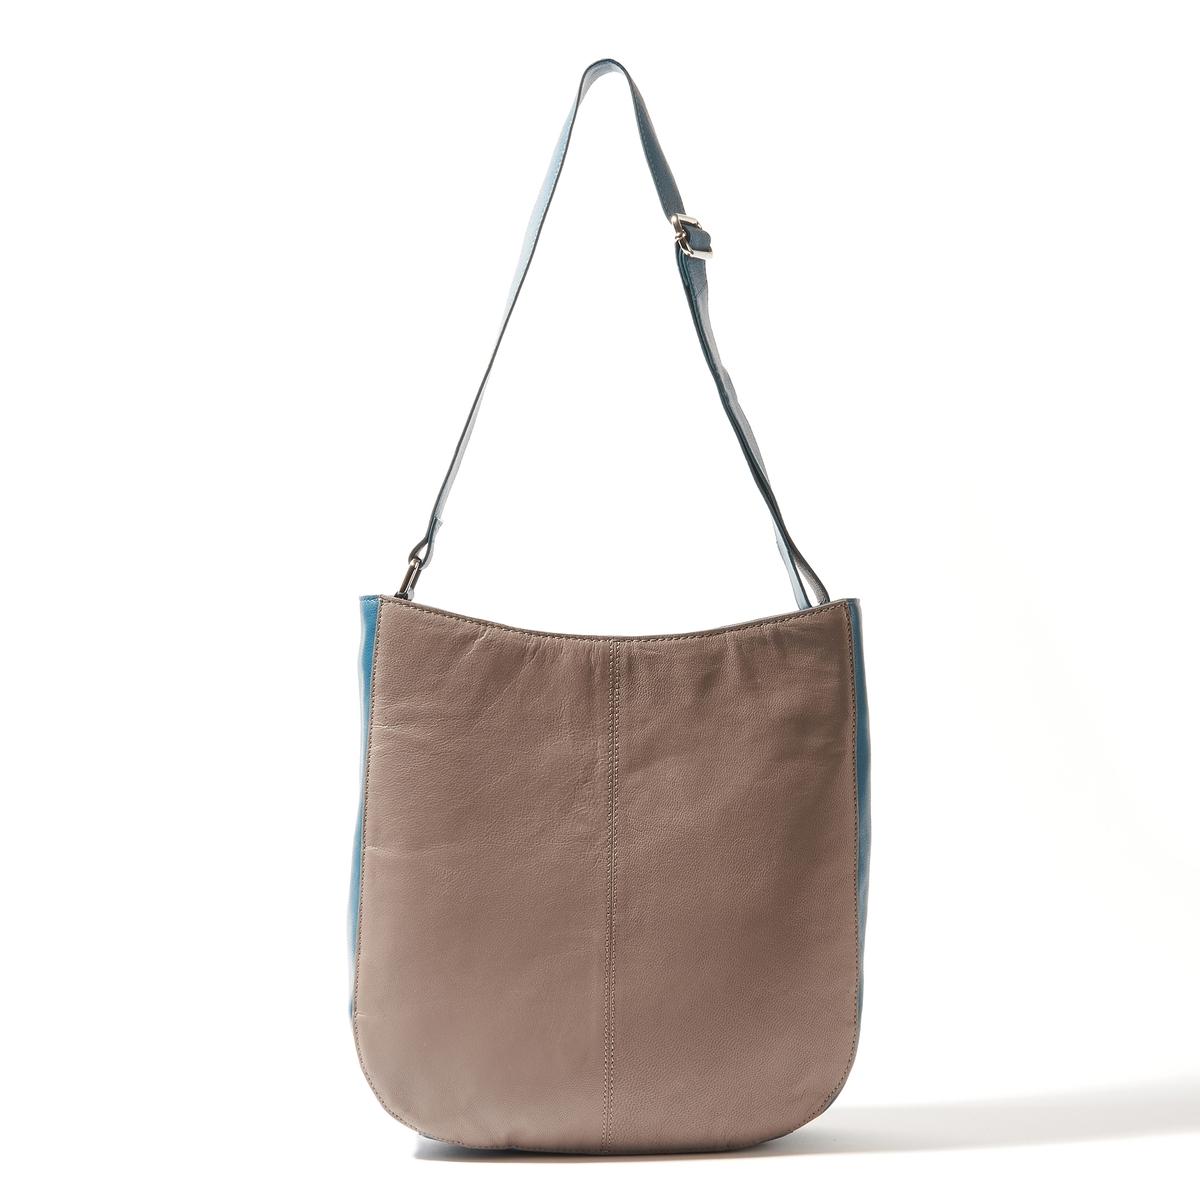 Сумка кожанаяСостав и описаниеМатериал : кожаный верх                 подкладка из текстиляМарка : R essentiels.Размеры :Ш35 x В32 x 5,5 смЗастежка : молнияНосить через плечо.2 кармана для мобильных1 карман на молнииРегулируемый ремень.<br><br>Цвет: красный/темно-бежевый,сине-серый<br>Размер: единый размер.единый размер